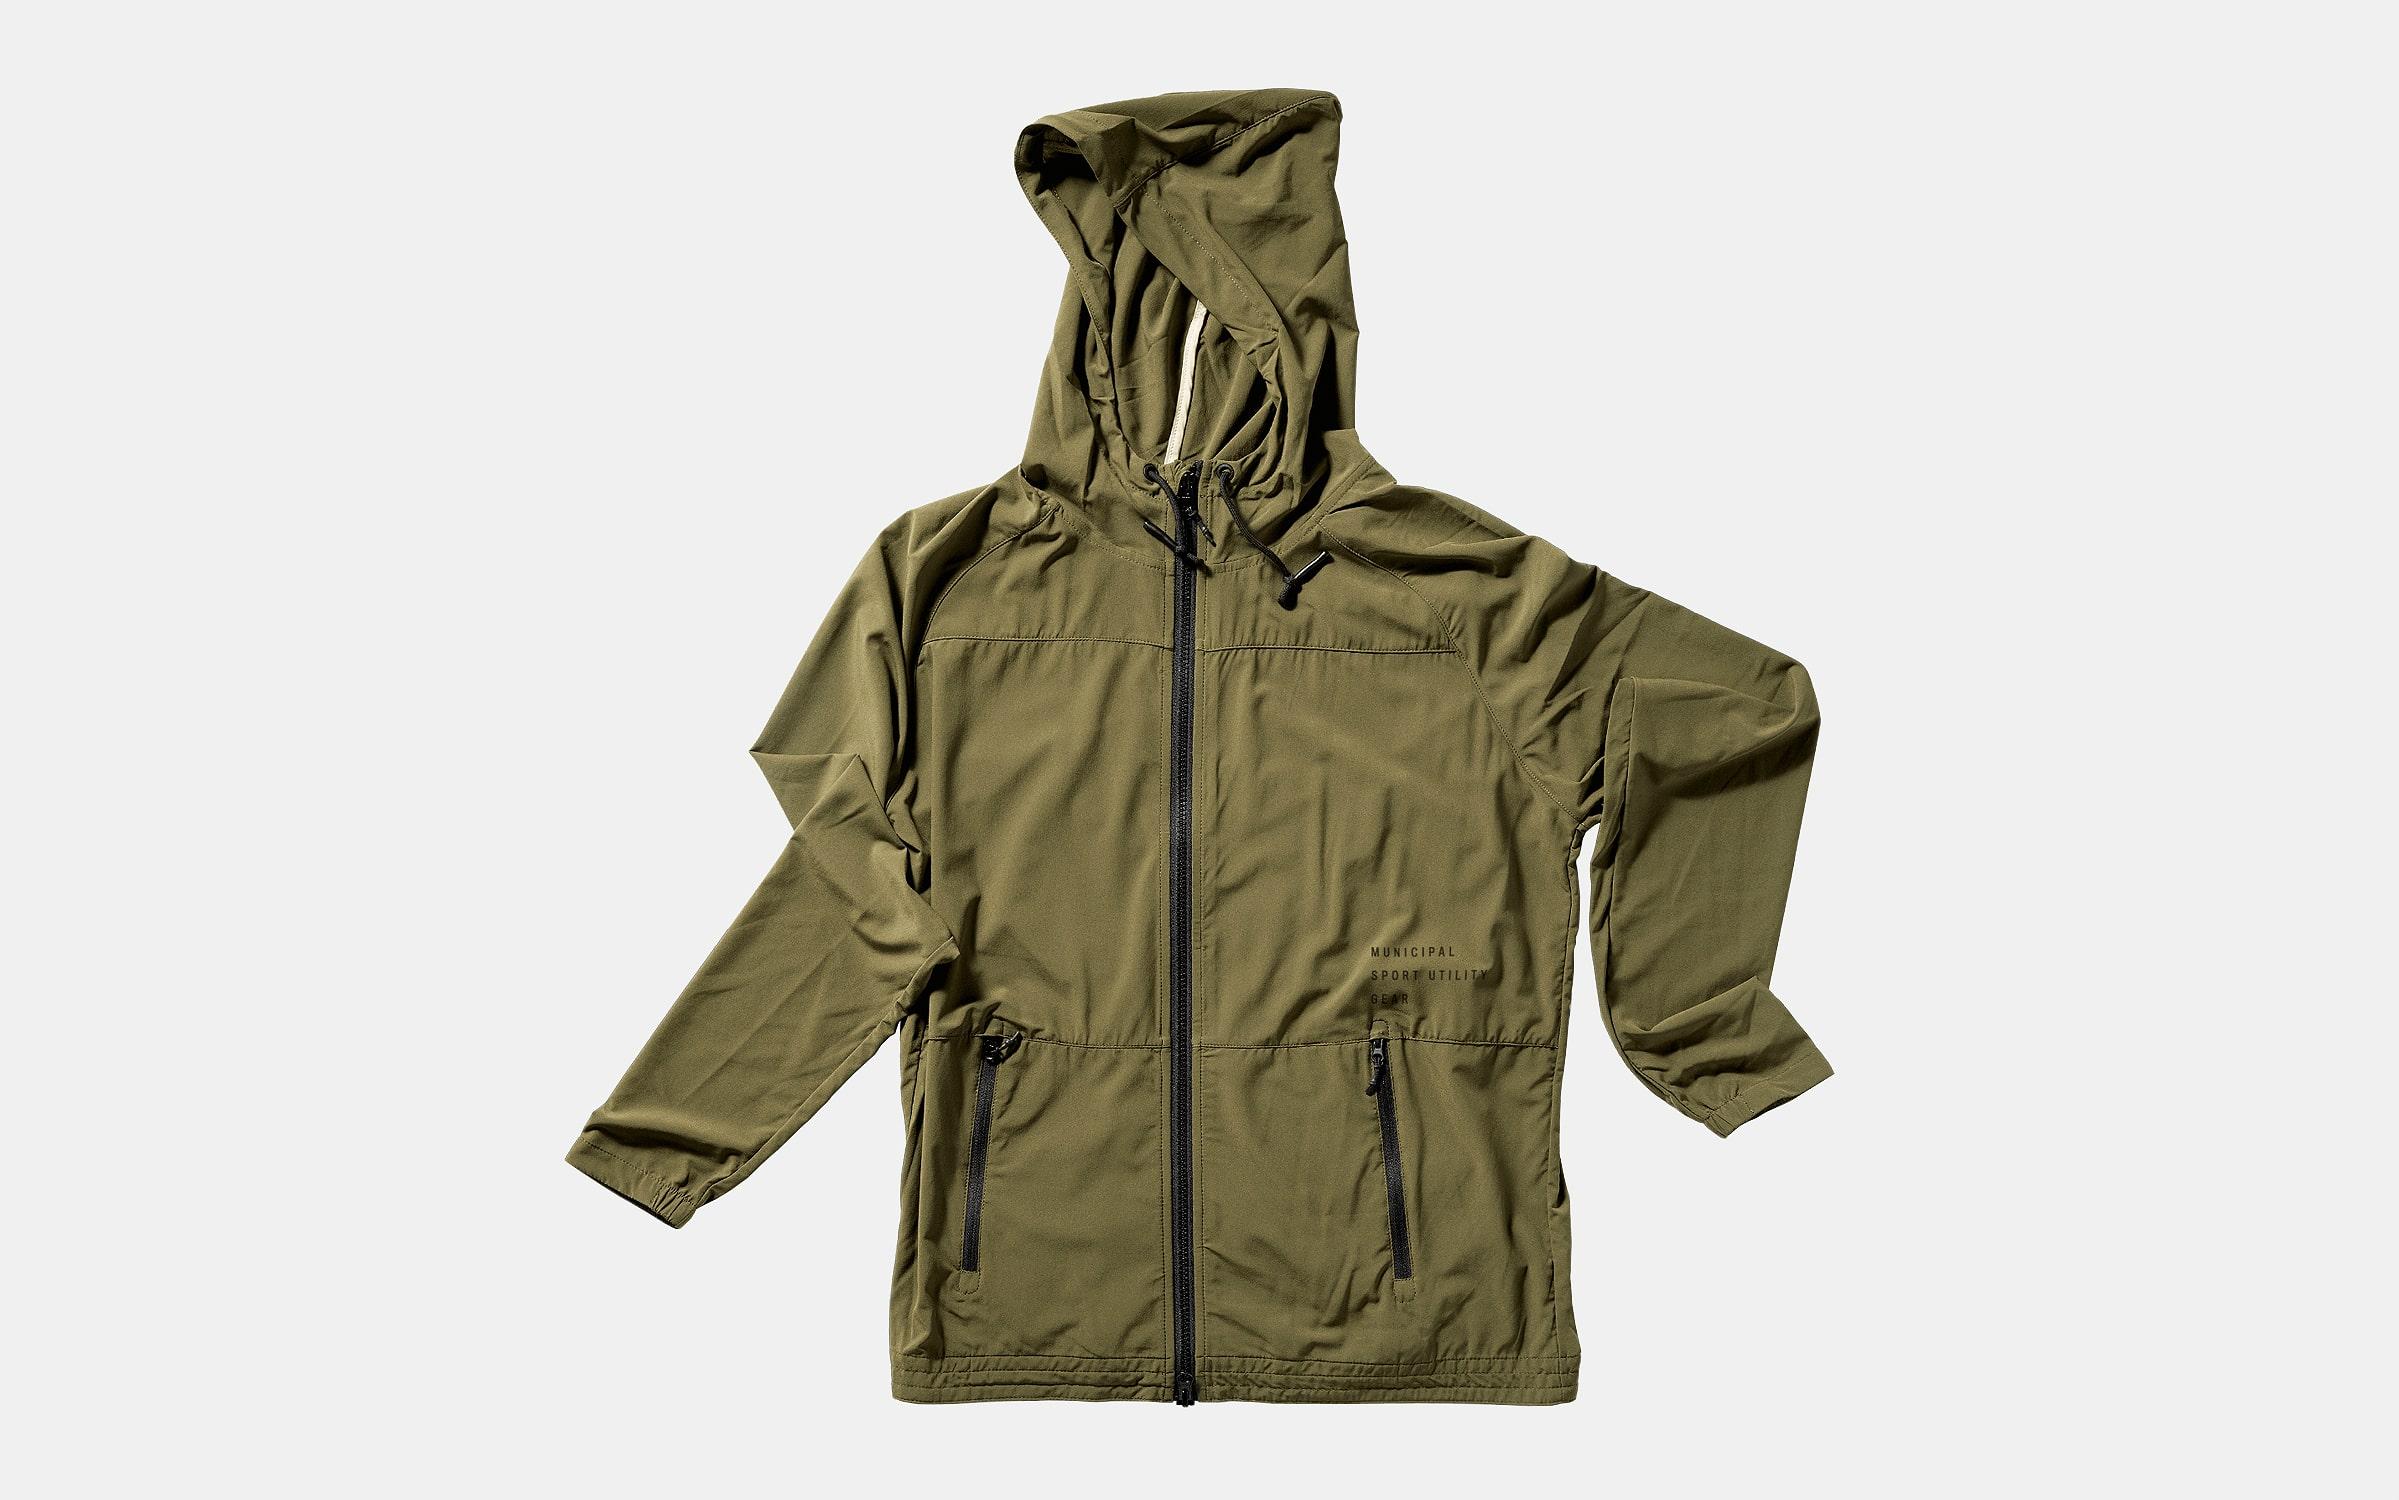 Municipal Ninja Shell Jacket